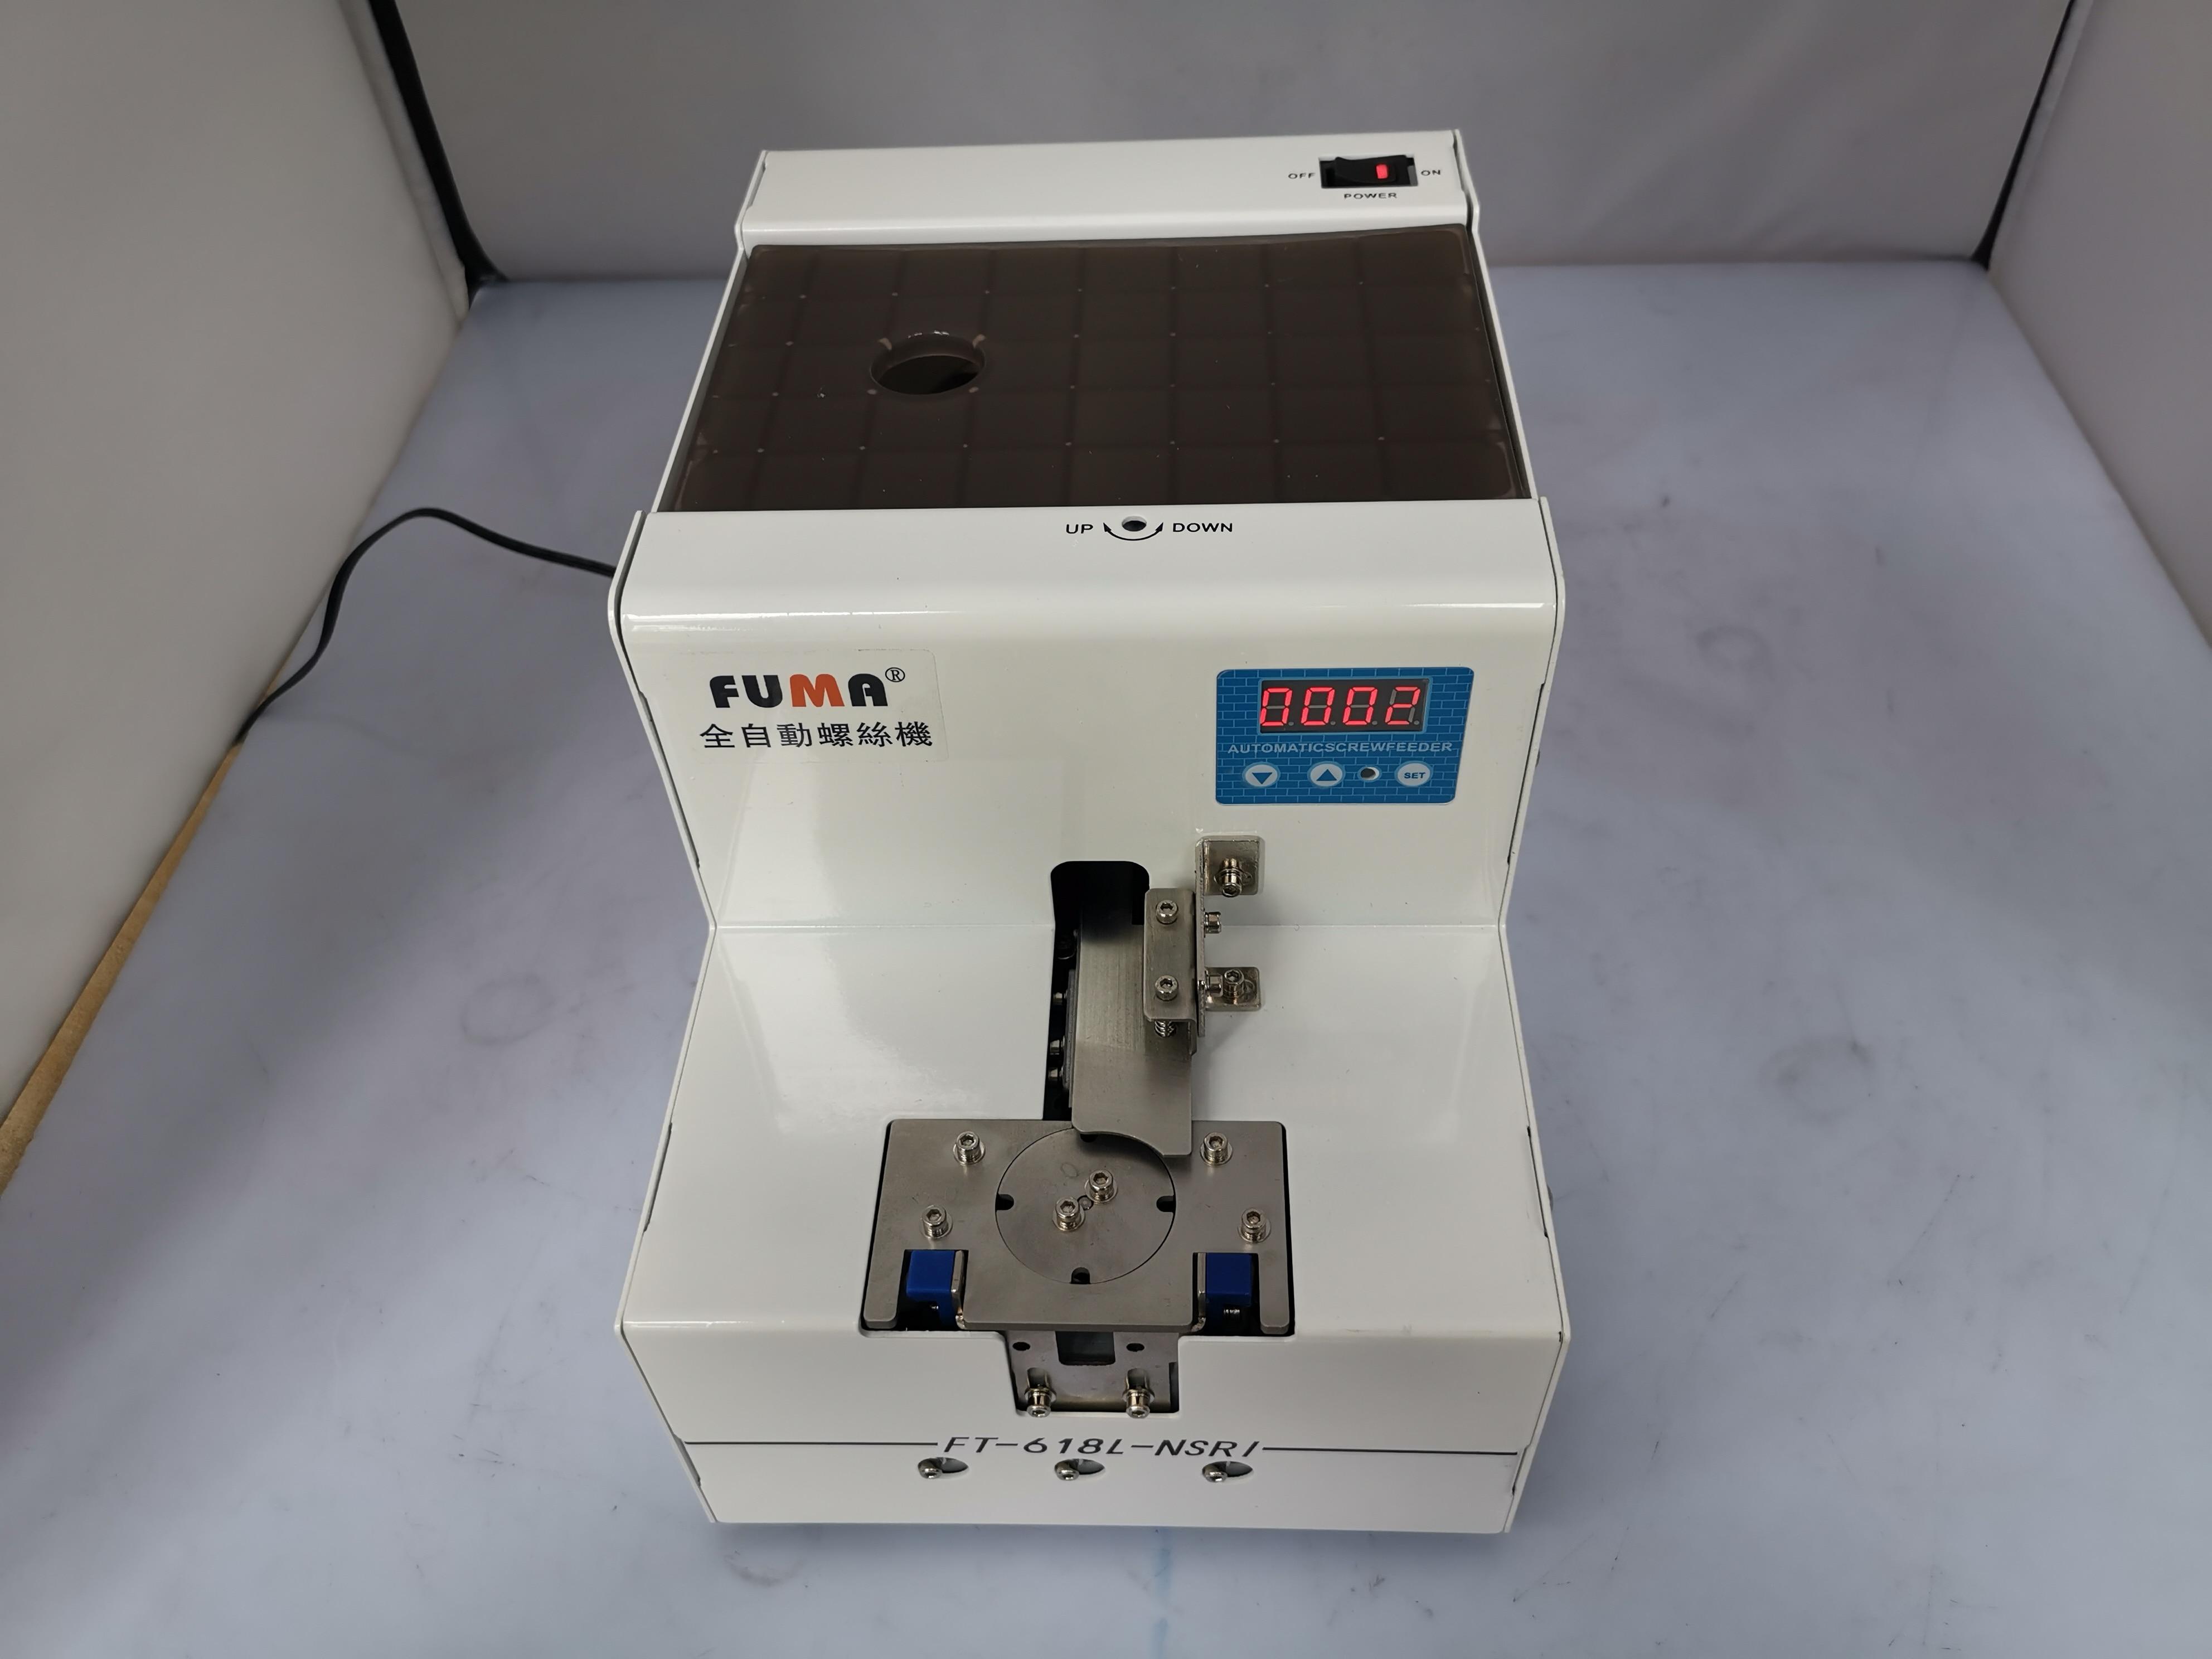 تايوان فوما الروتاري برغي آلة ، FT-618L-NSRI M1.0-5.0 التلقائي برغي الطاعم الطاعم الامتزاز روبوت المتاحة AC100-240V